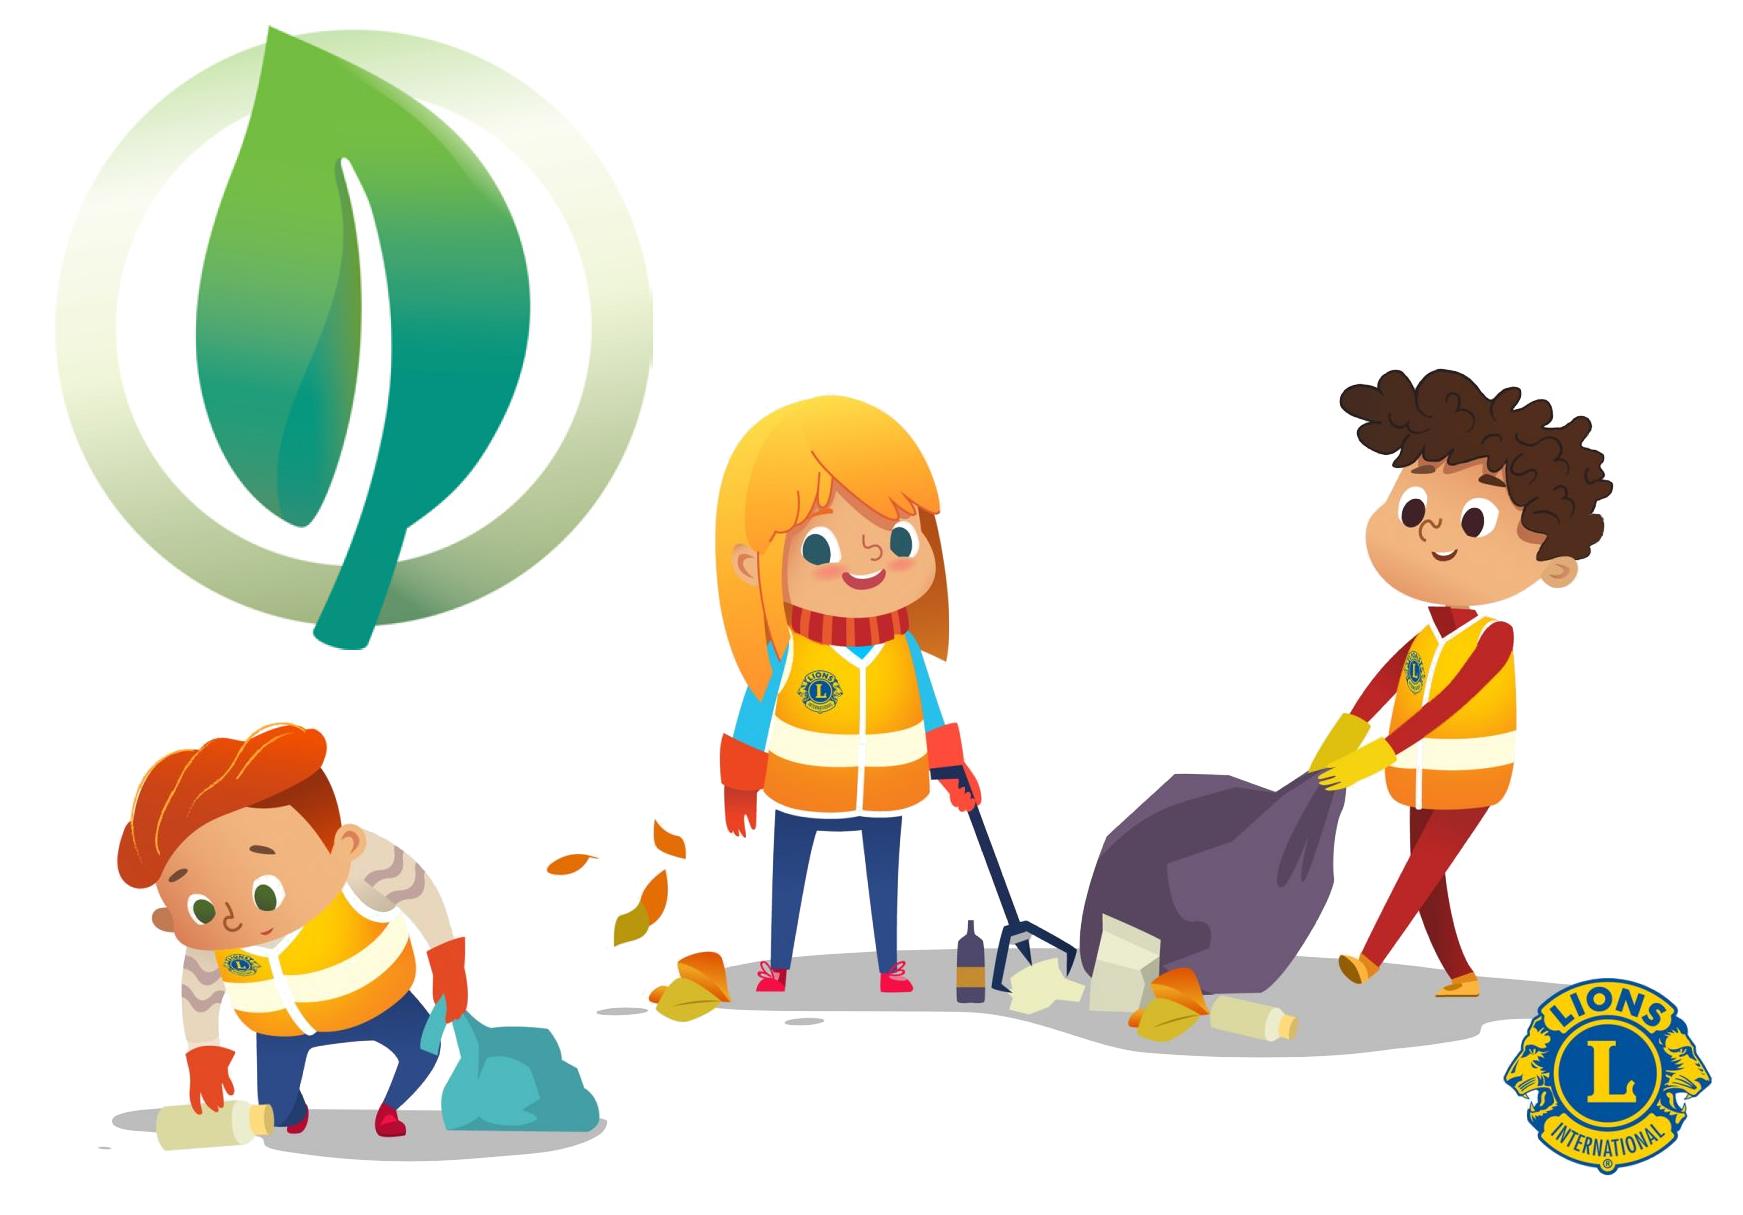 Pop-Up piirifoorum 18.3.2021 klo 18: Ympäristö / Kulmat kuntoon